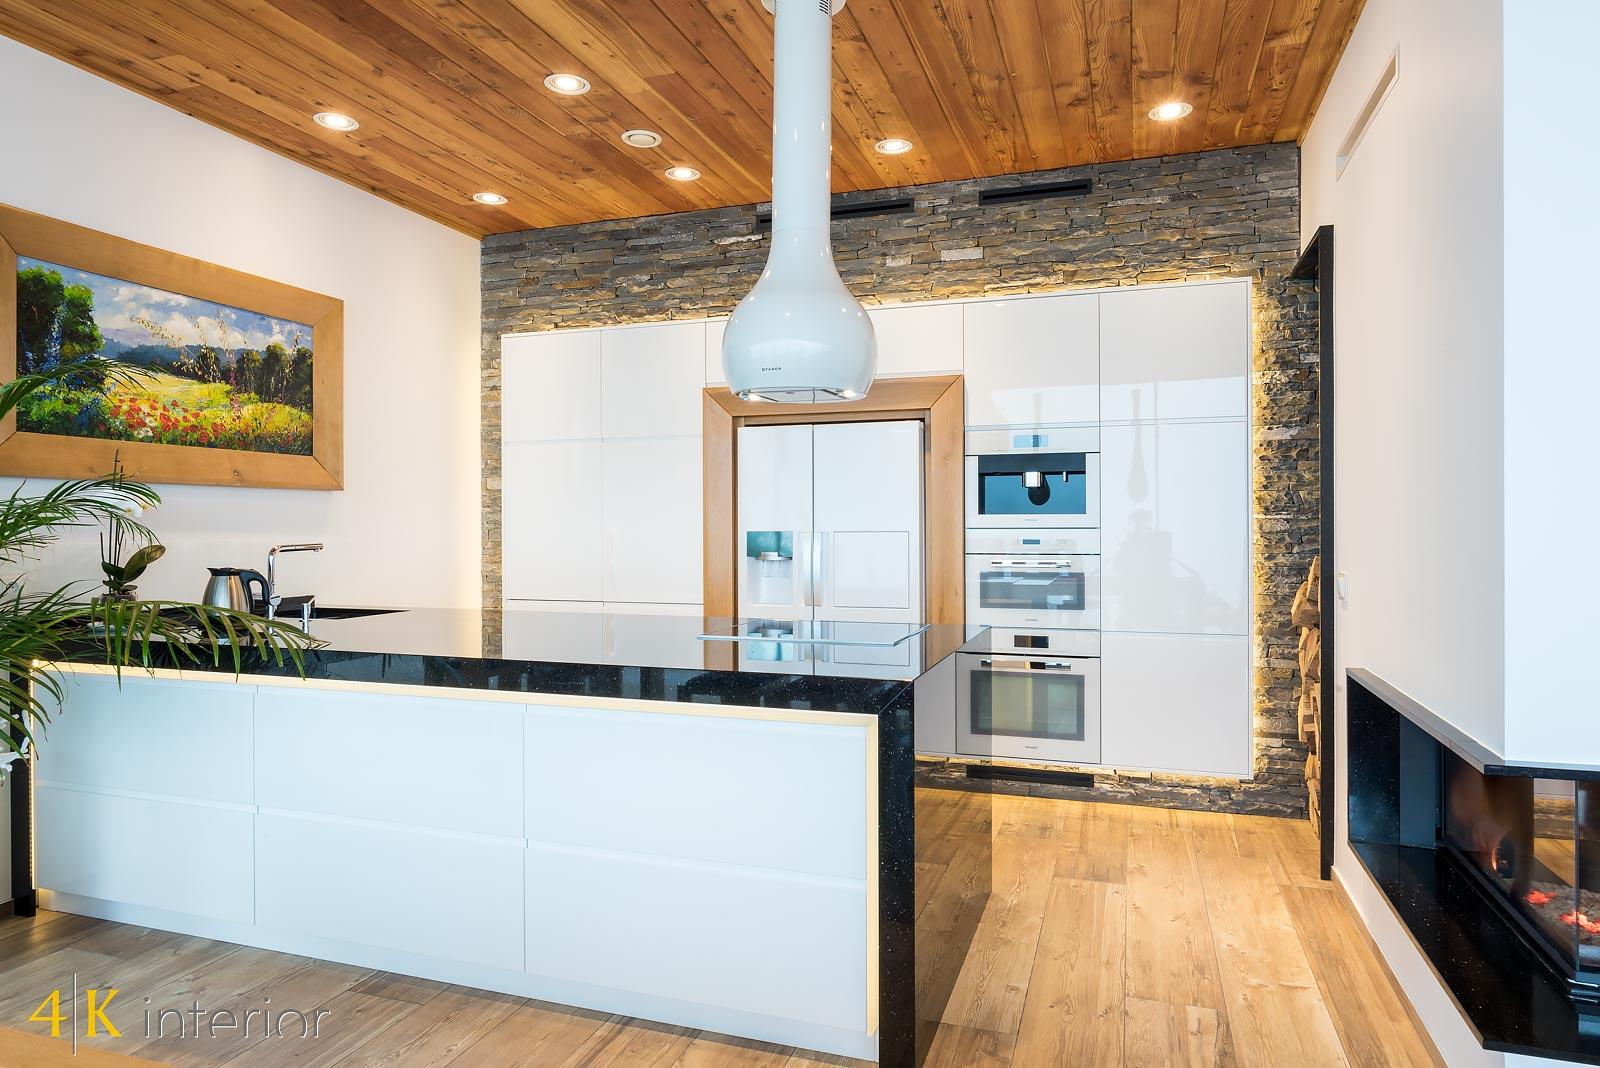 Dom-z-góralskim-charakterem-2 kuchnia z dużą wyspą n